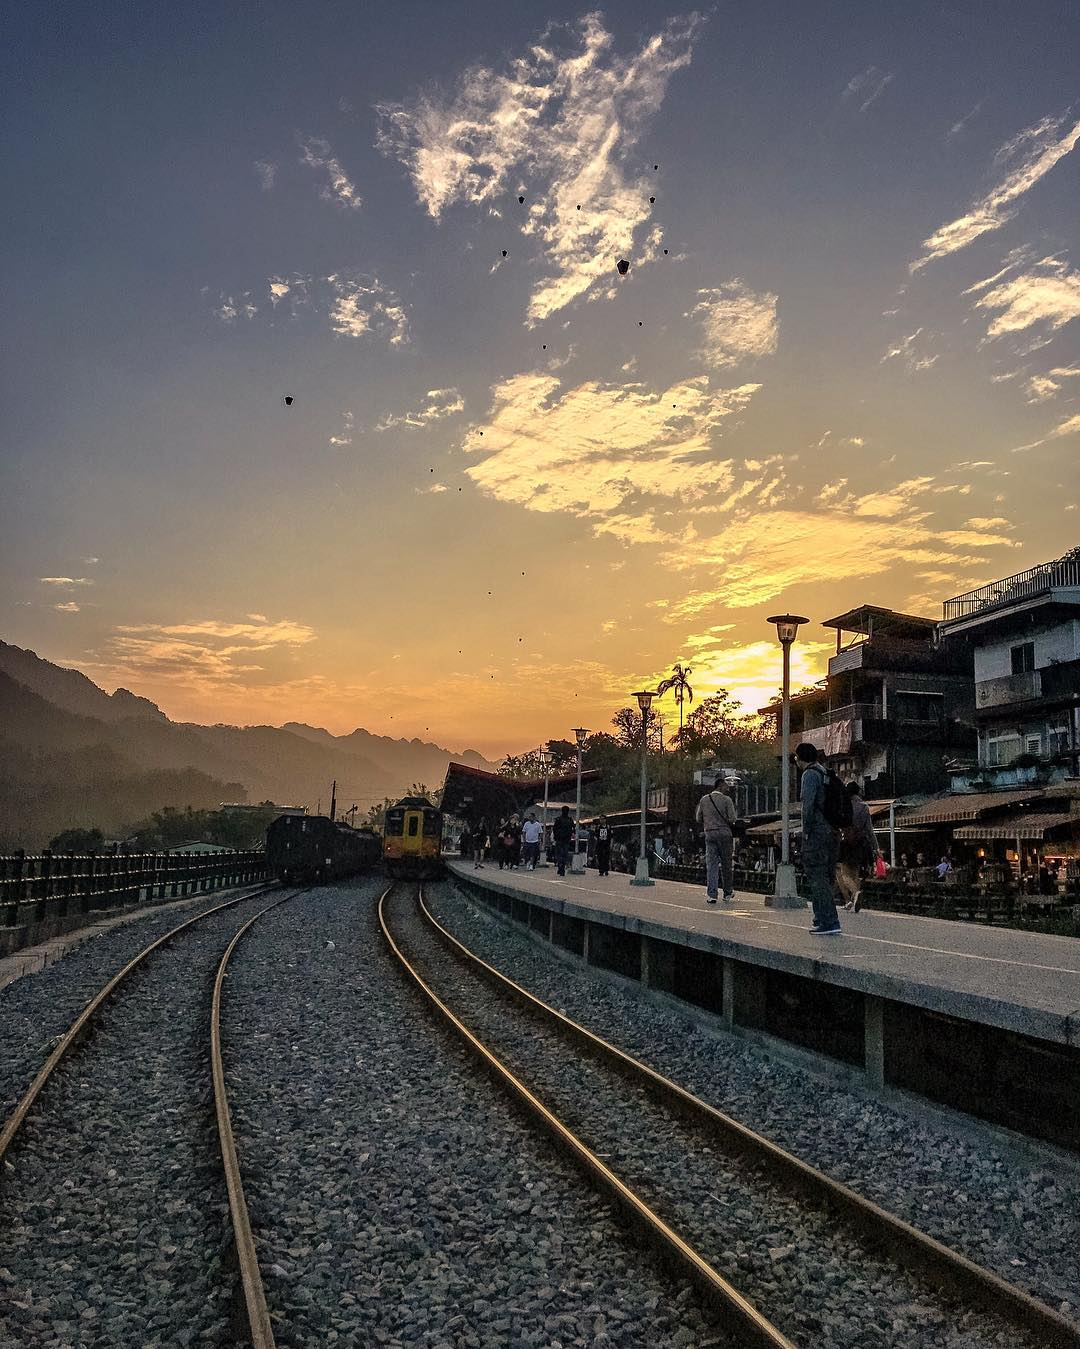 十分火车站-台湾精彩行程